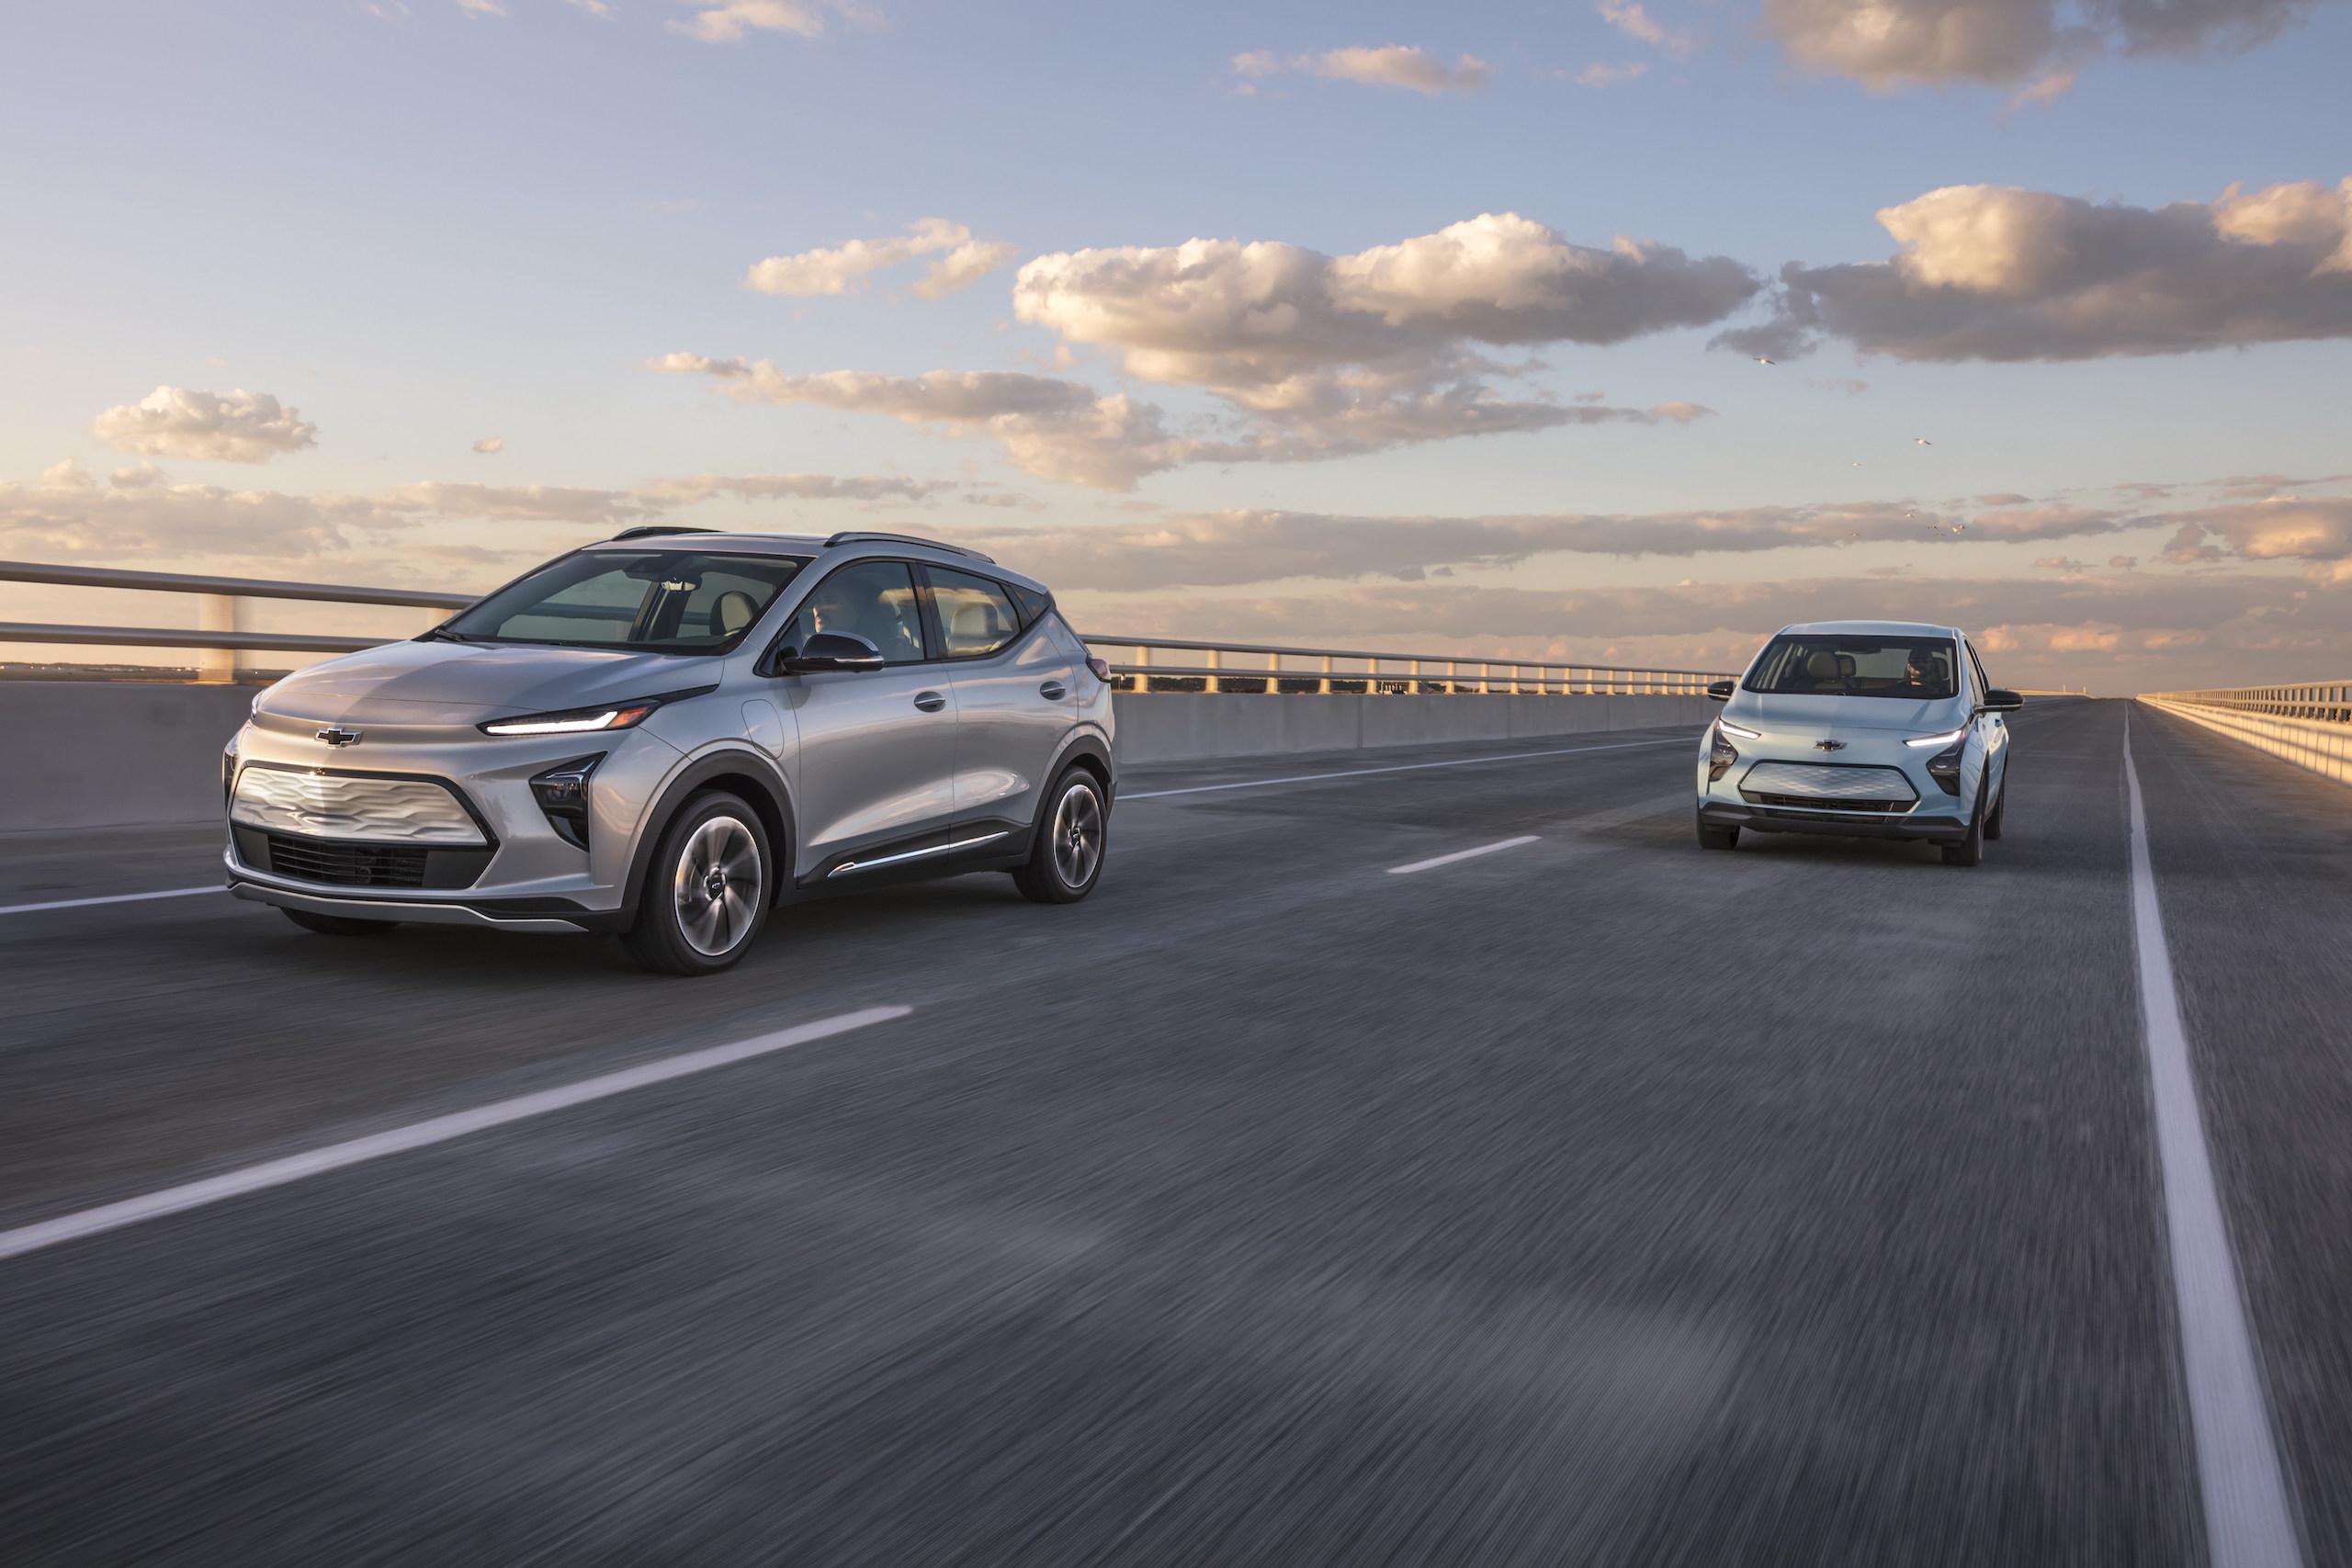 2022 Chevrolet Bolt EUV and Bolt EV